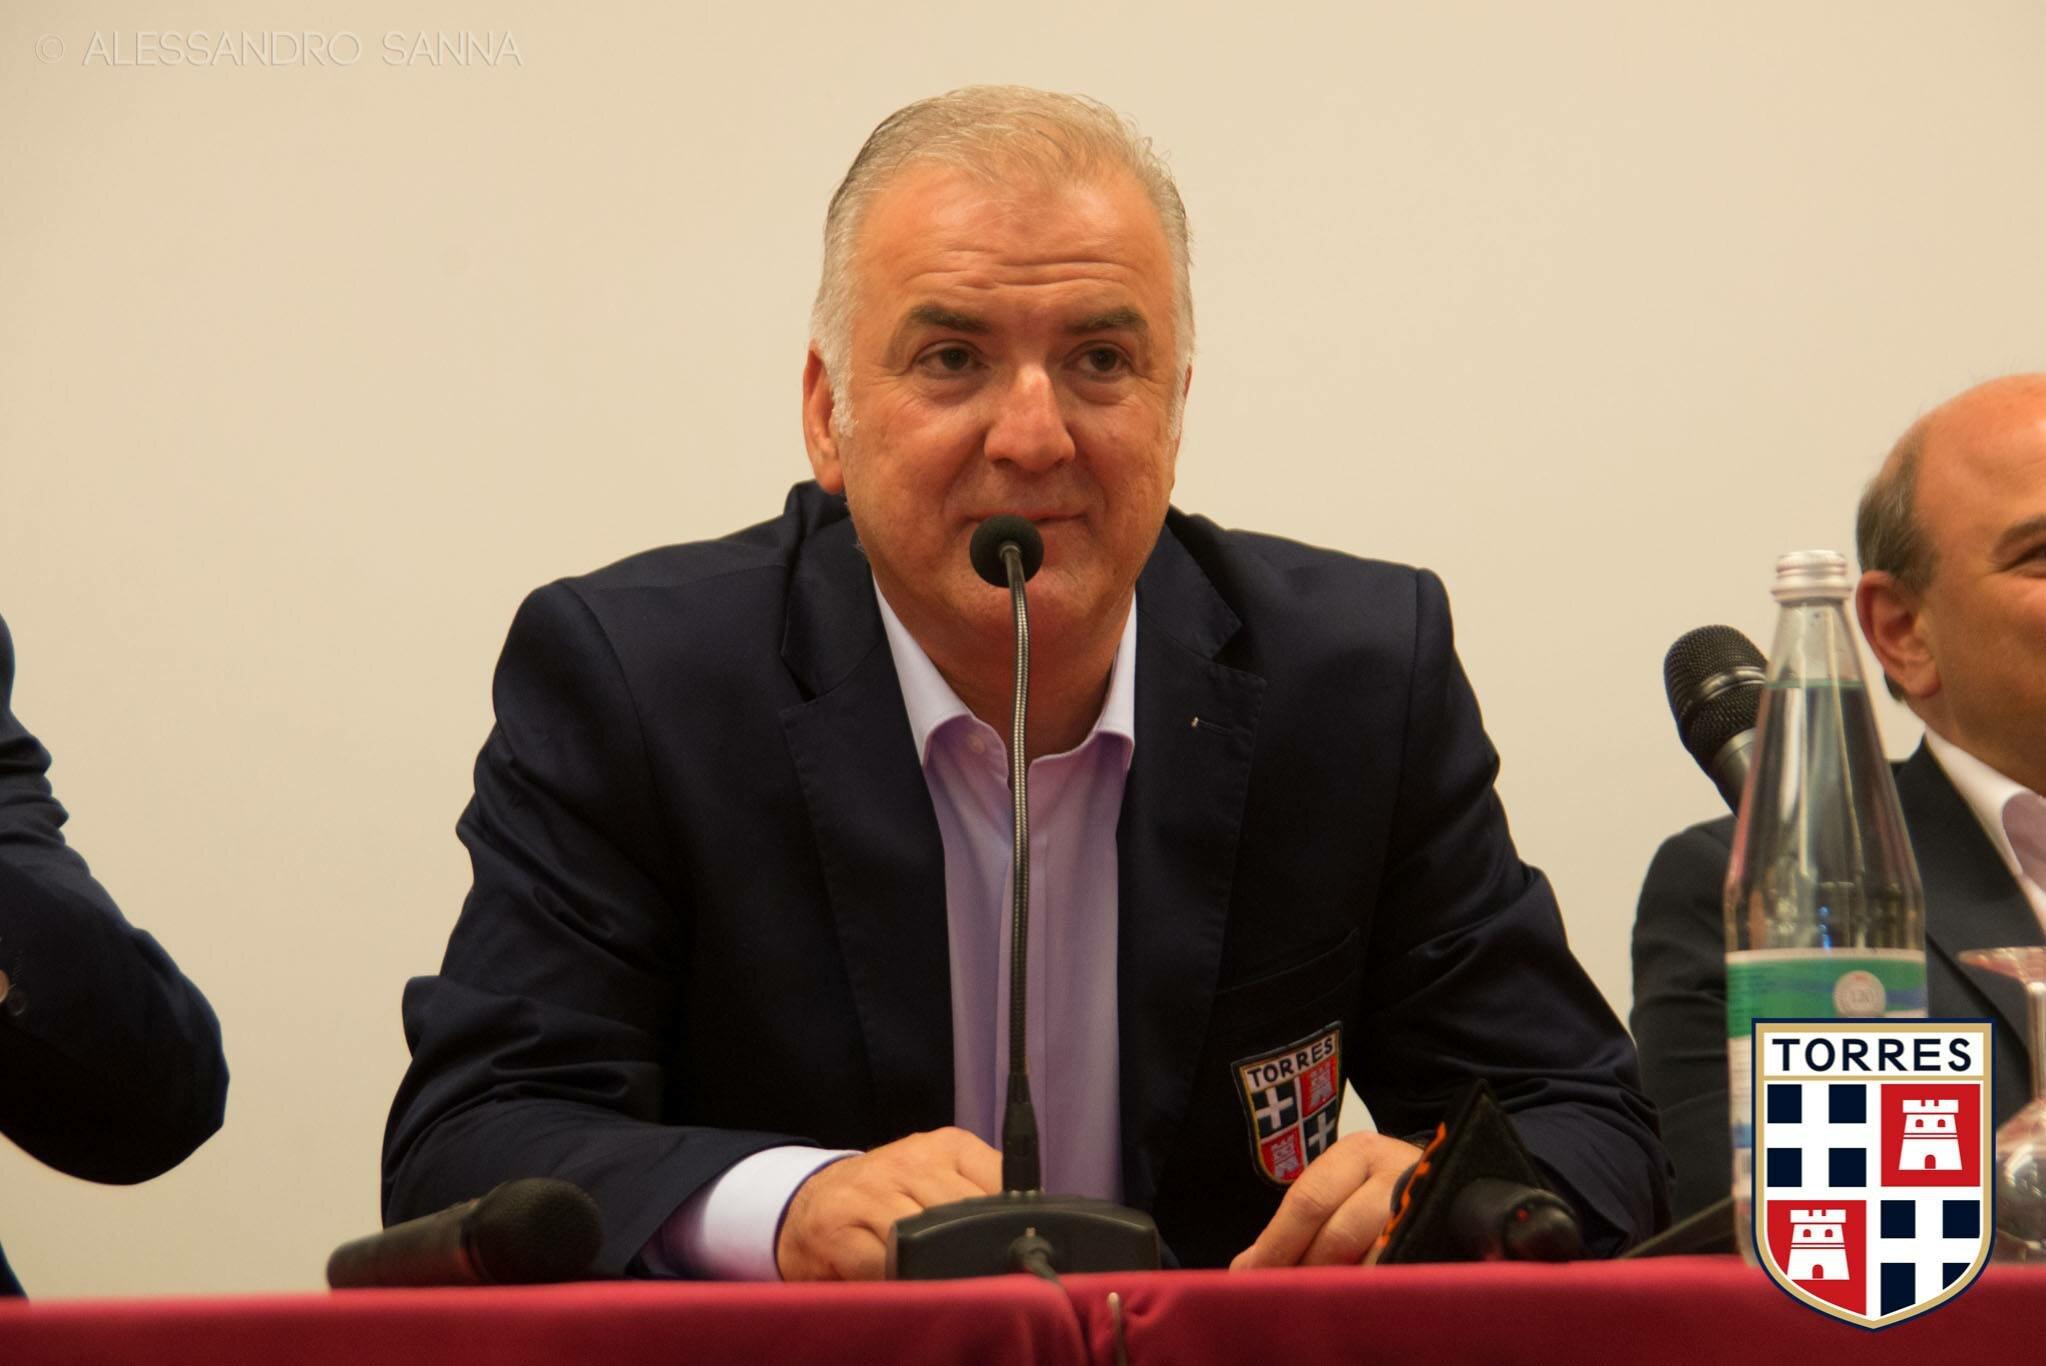 Salvatore Sechi, presidente della Torres (foto: seftorrescalcio)